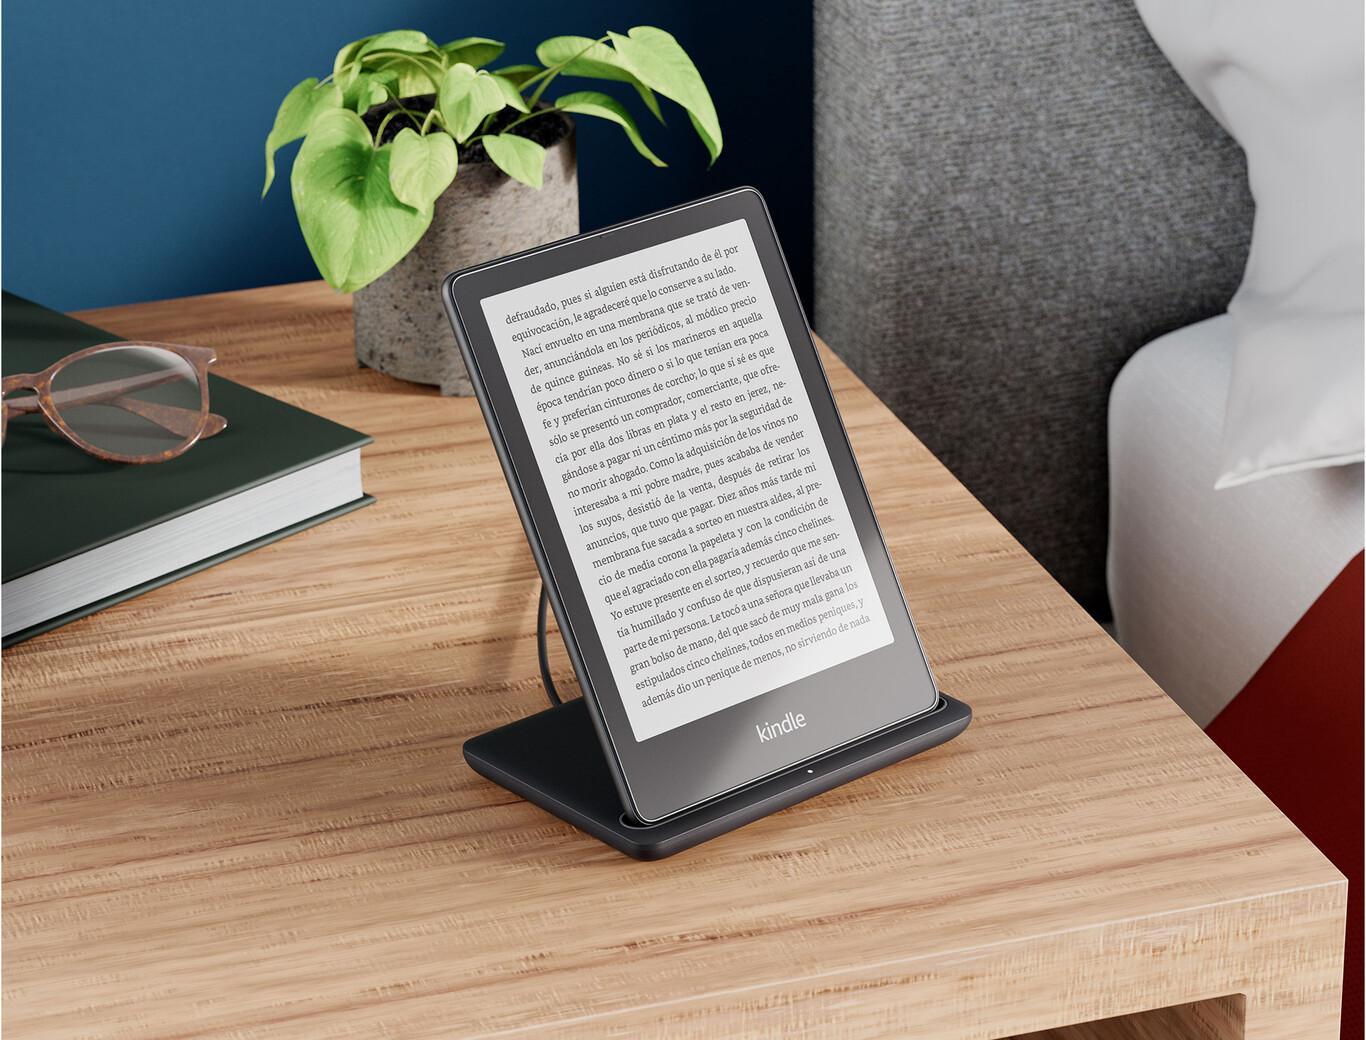 Kindle Paperwhite y Kindle Paperwhite Signature Edition: se confirma el bombazo y vienen por fin con USB tipo C y carga inalámbrica